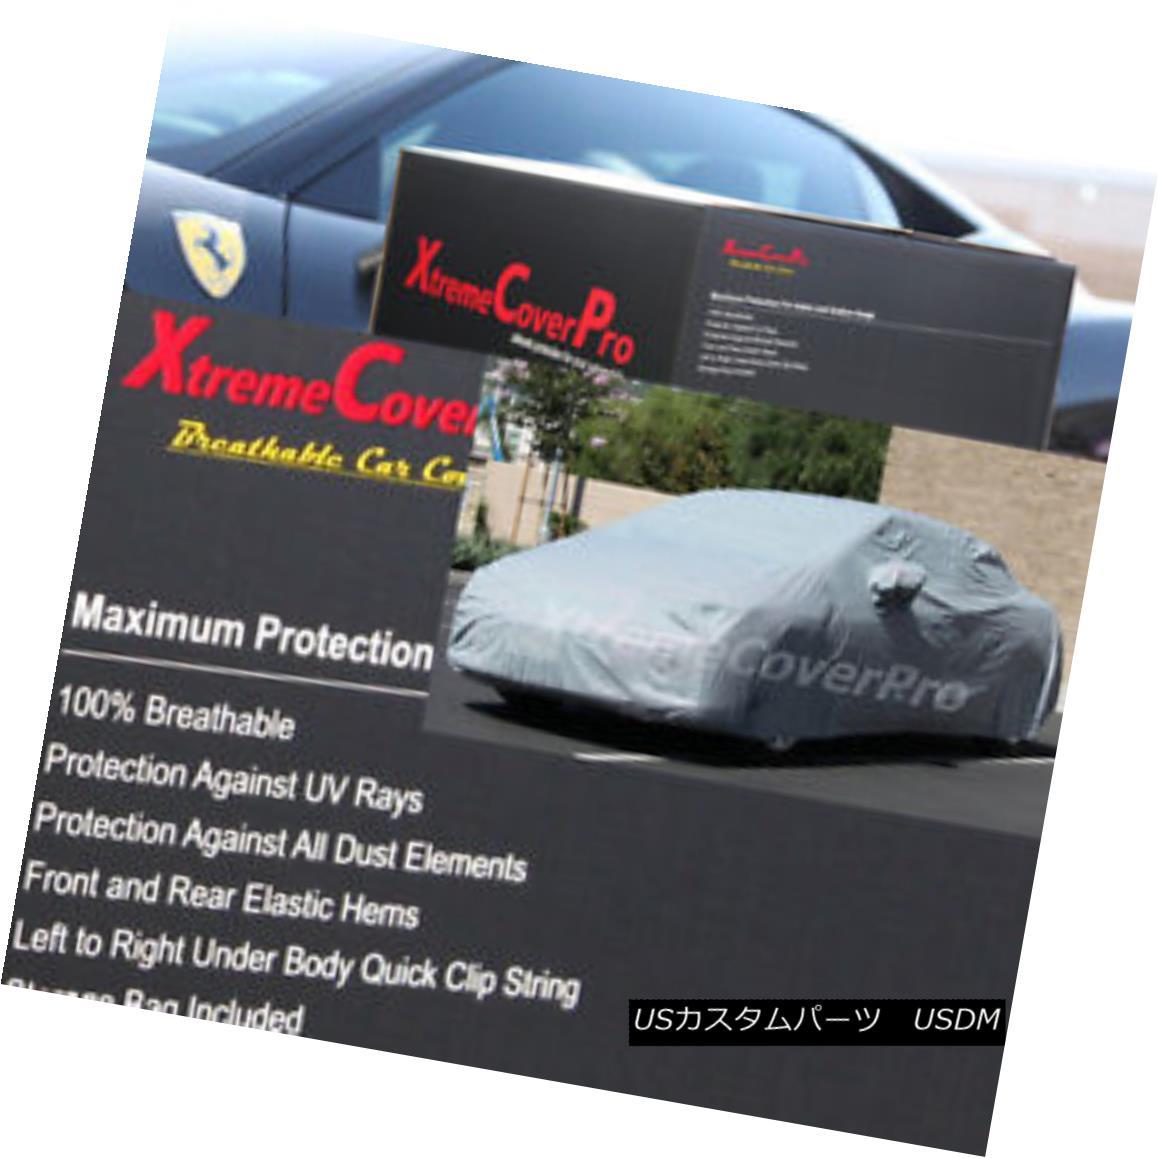 カーカバー 1994 1995 1996 1997 1998 1999 Toyota Celica Breathable Car Cover w/MirrorPocket 1994年1995年1996年1997年1998年1999年トヨタセリカレザーカーカバー(ミラーポケット付)